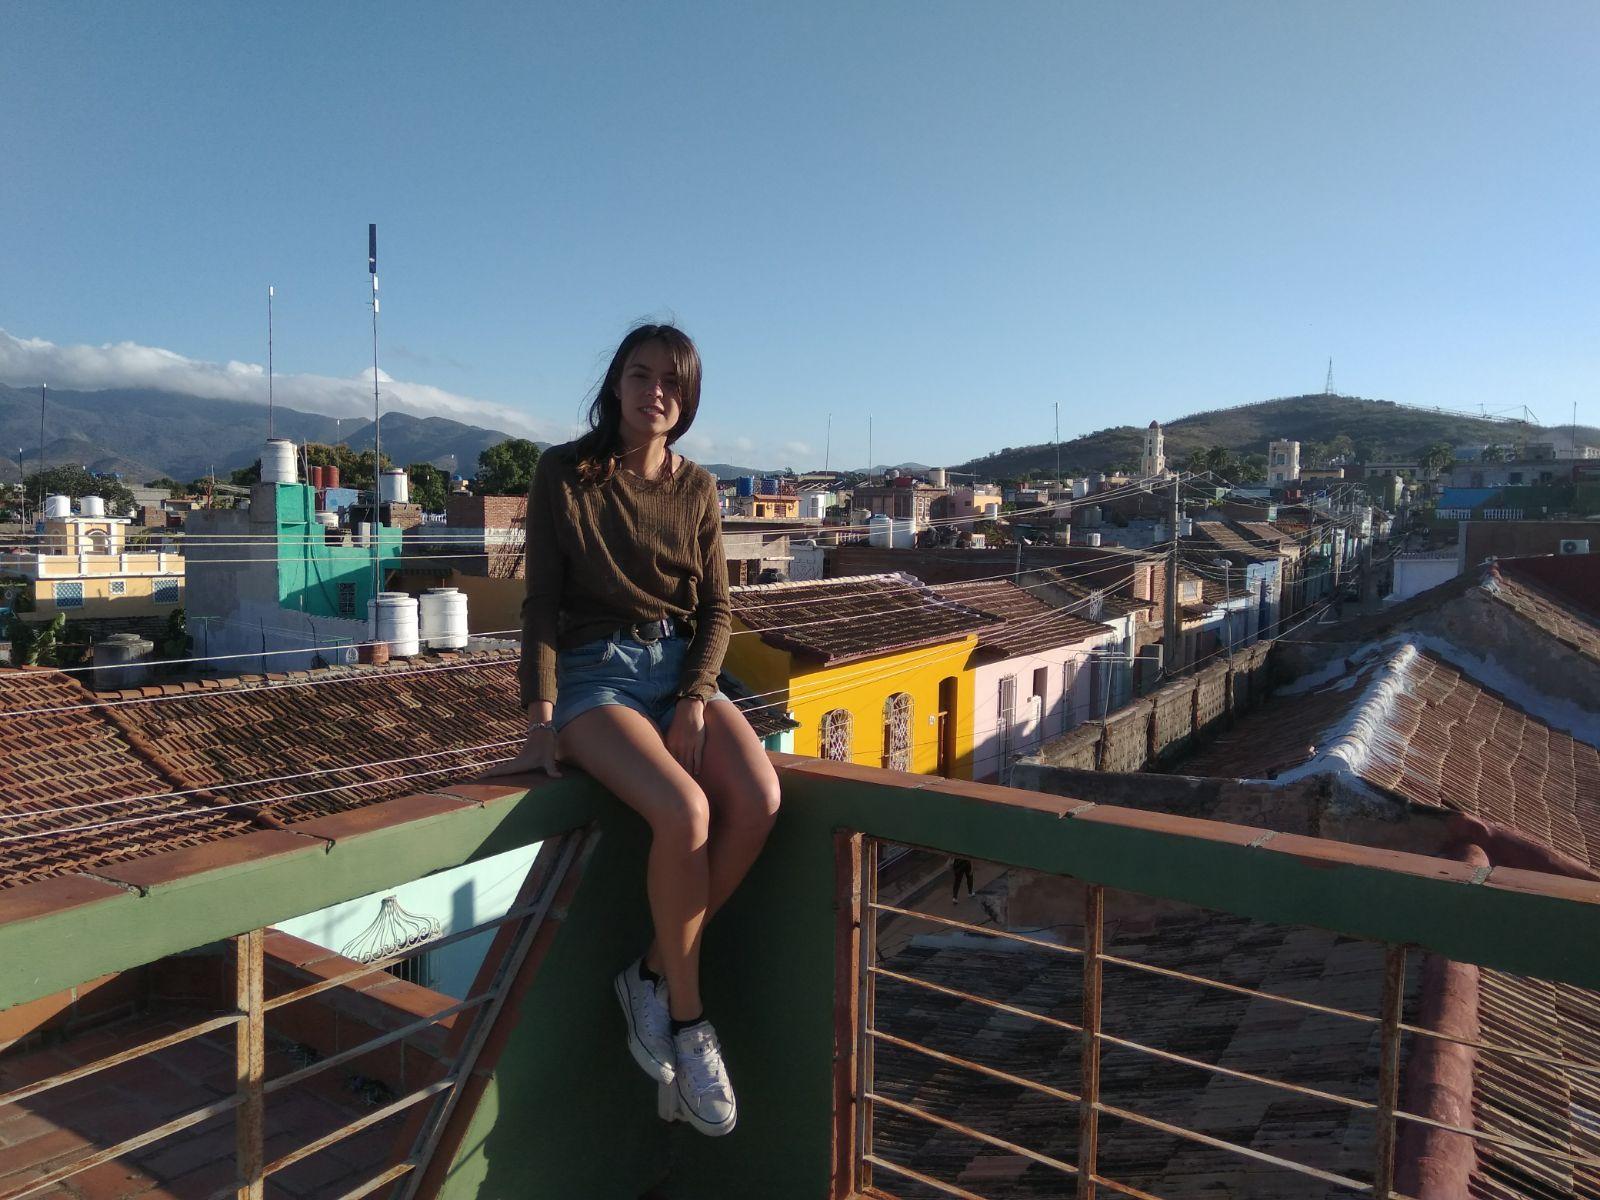 Dormir en casas particulares en Cuba - Trinidad- la cadena viajera